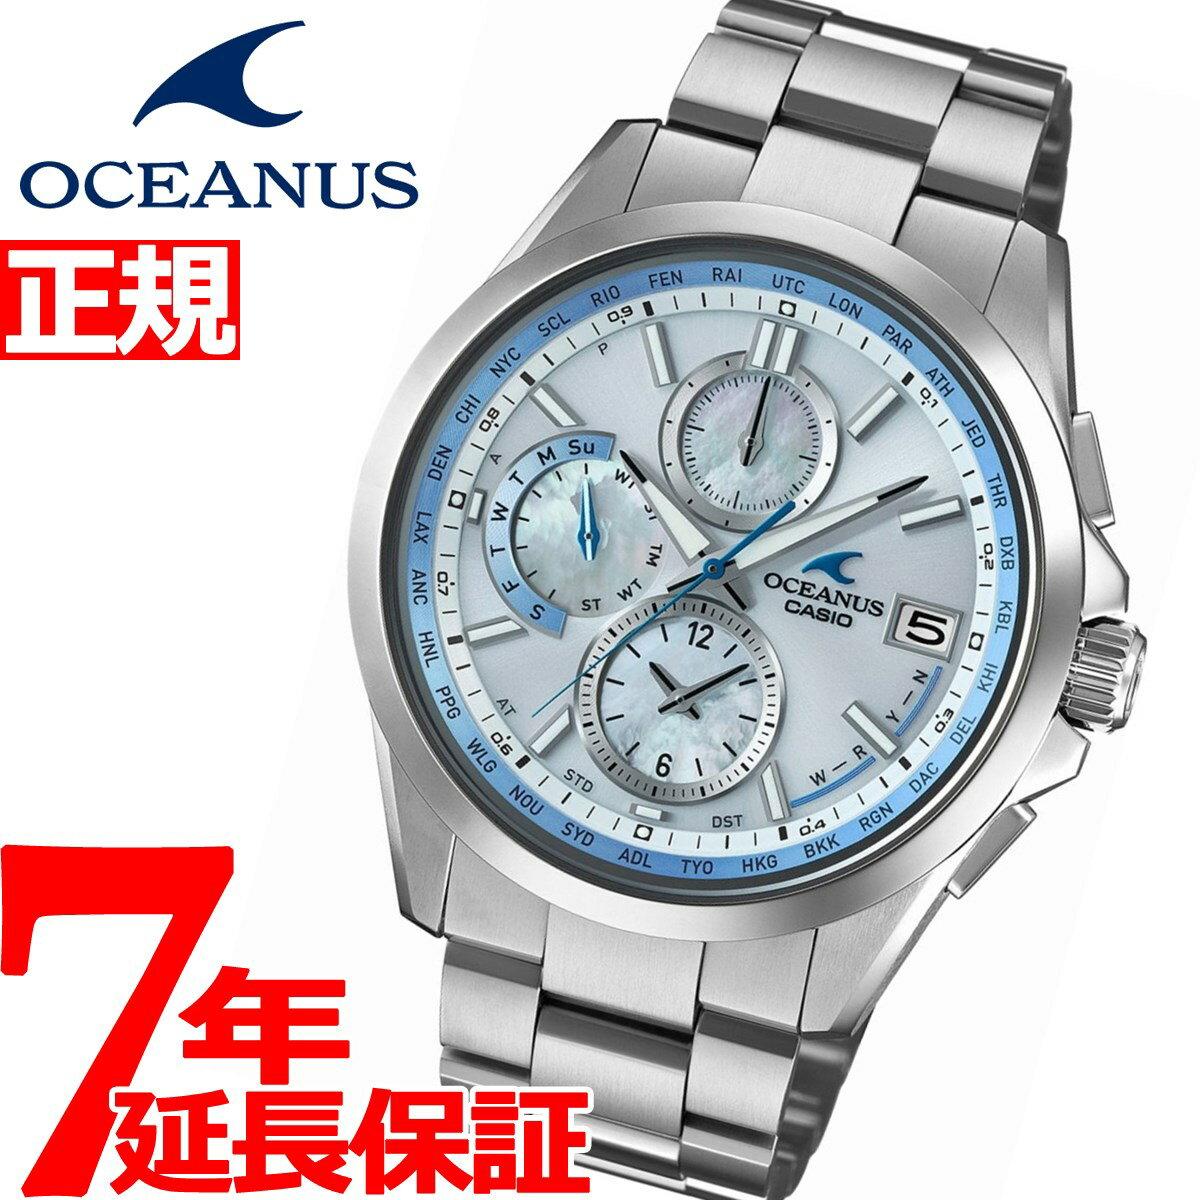 CASIO oceanus 2000OFF49102359 CASIO OCEANUS Clas...